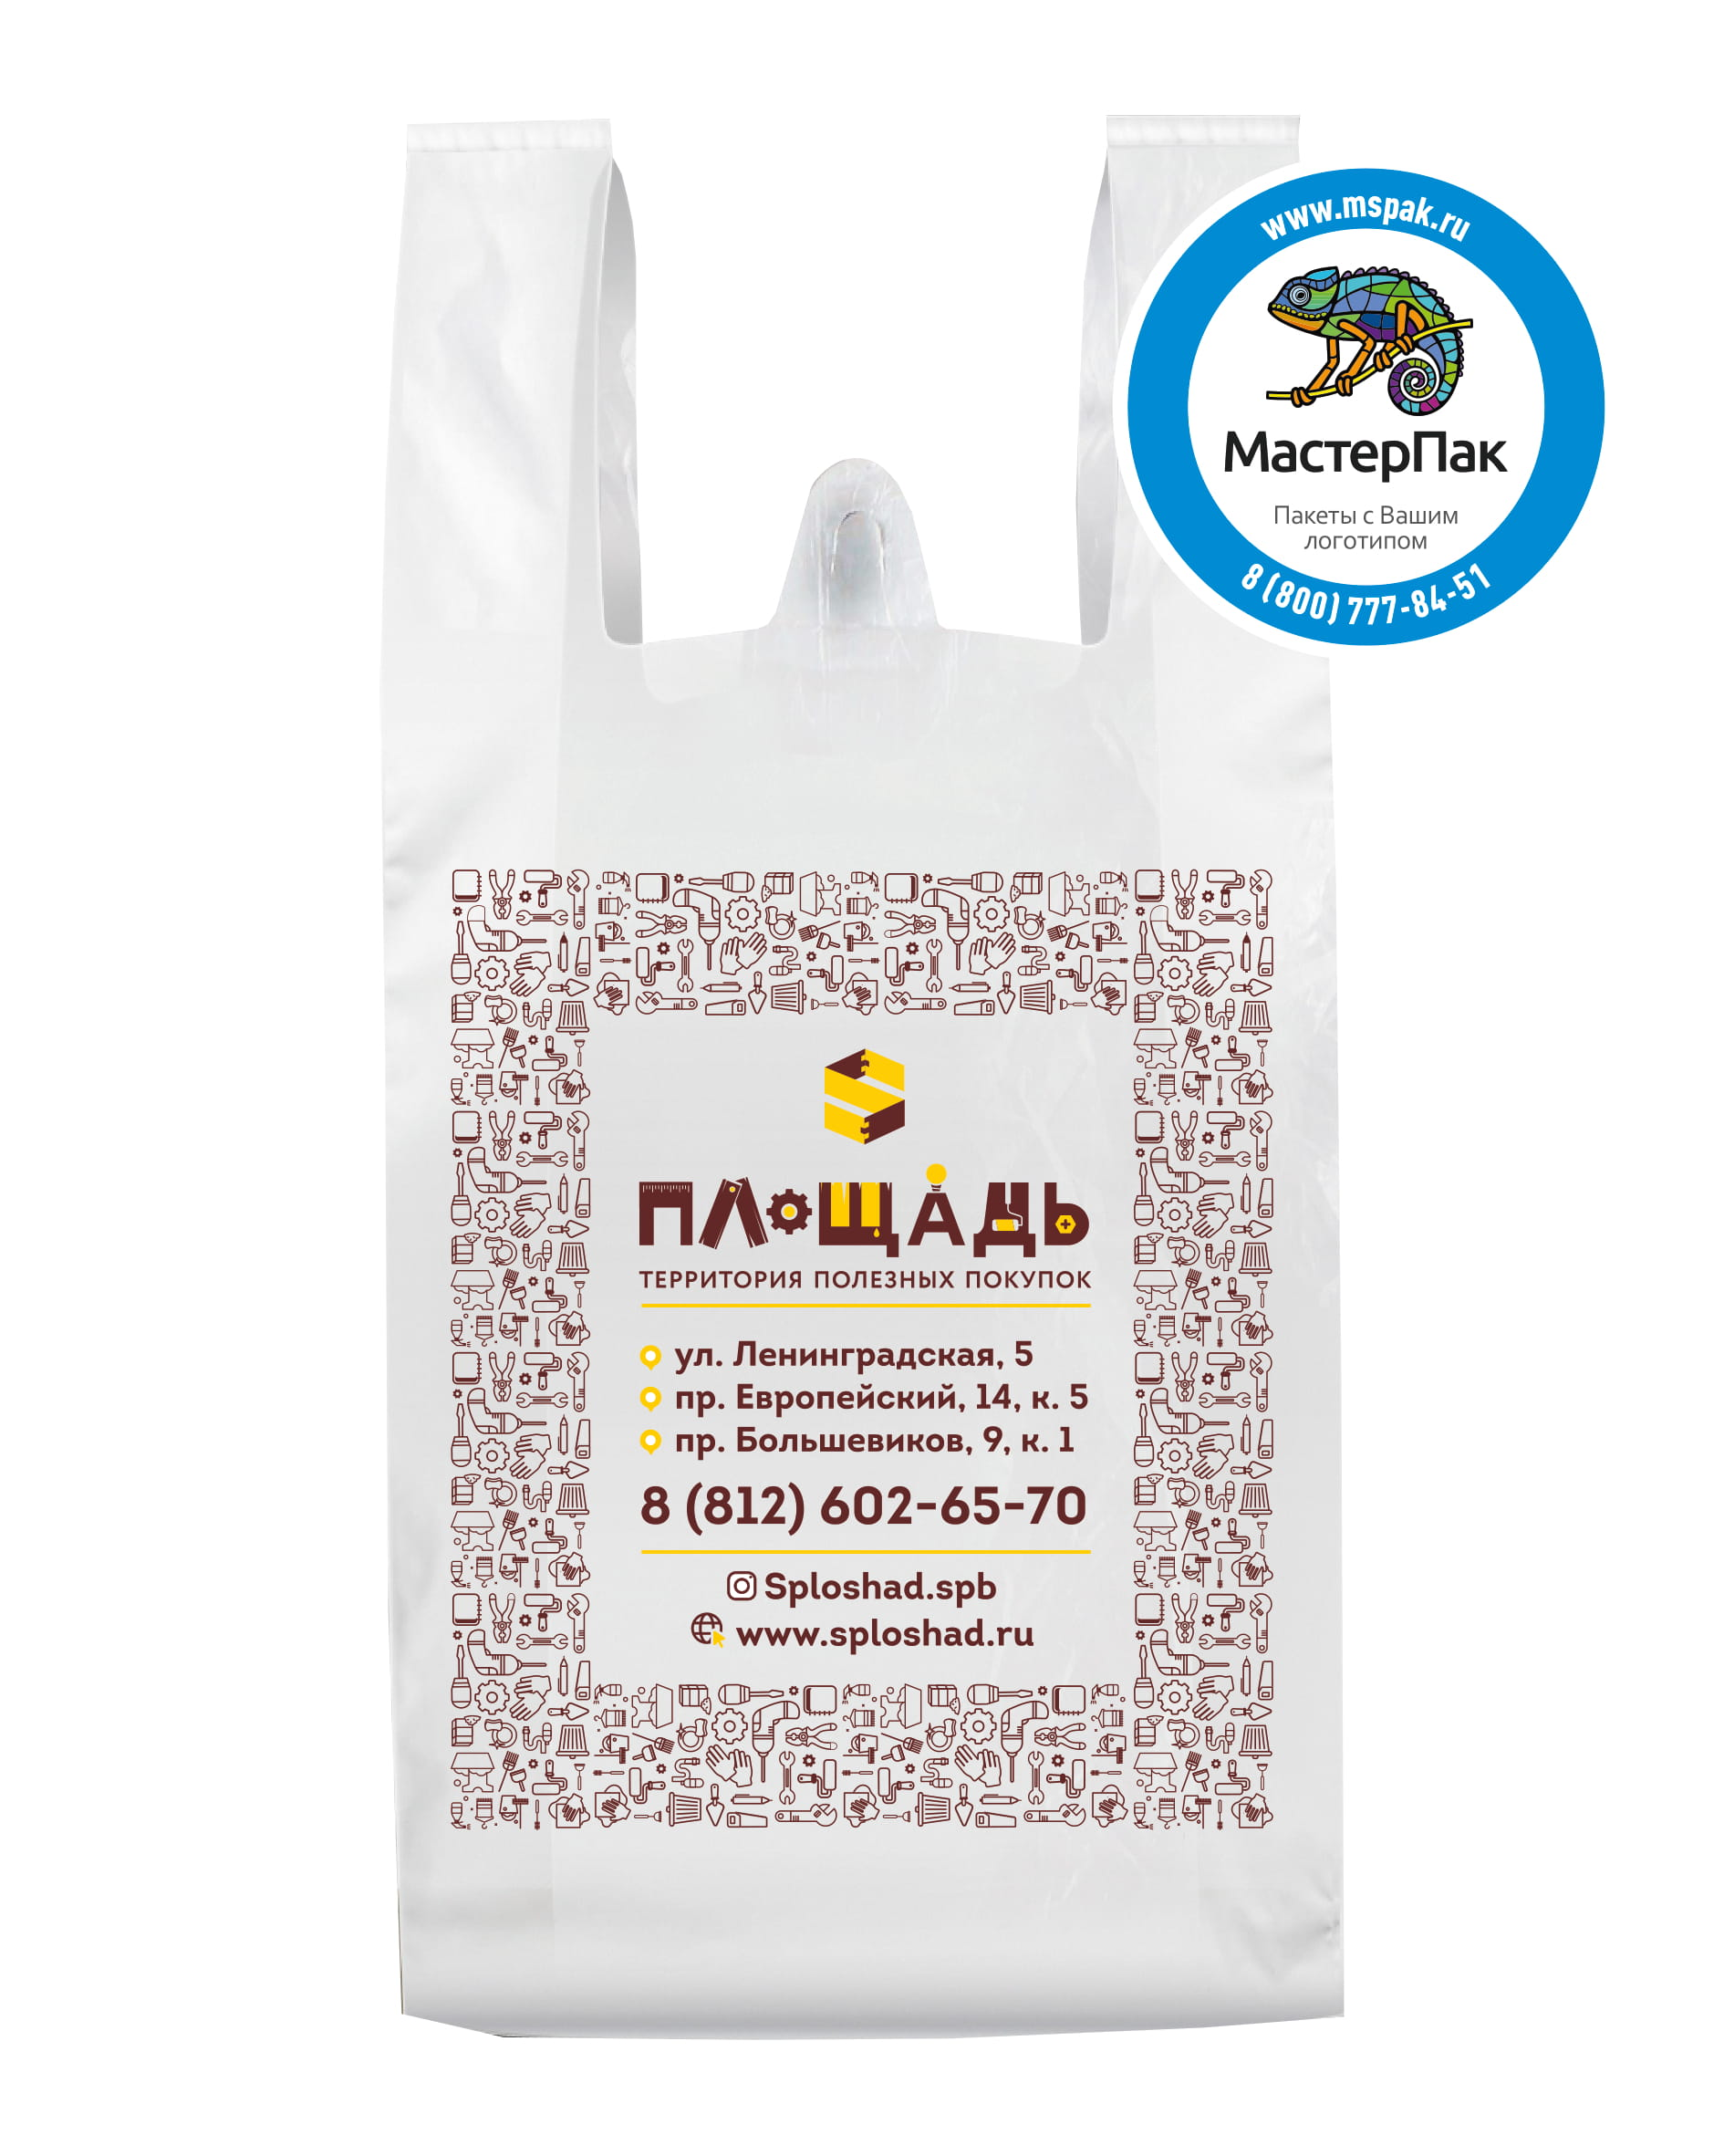 Пакет-майка ПНД, белый, с логотипом Площадь, 27 мкм, 40*60, Спб